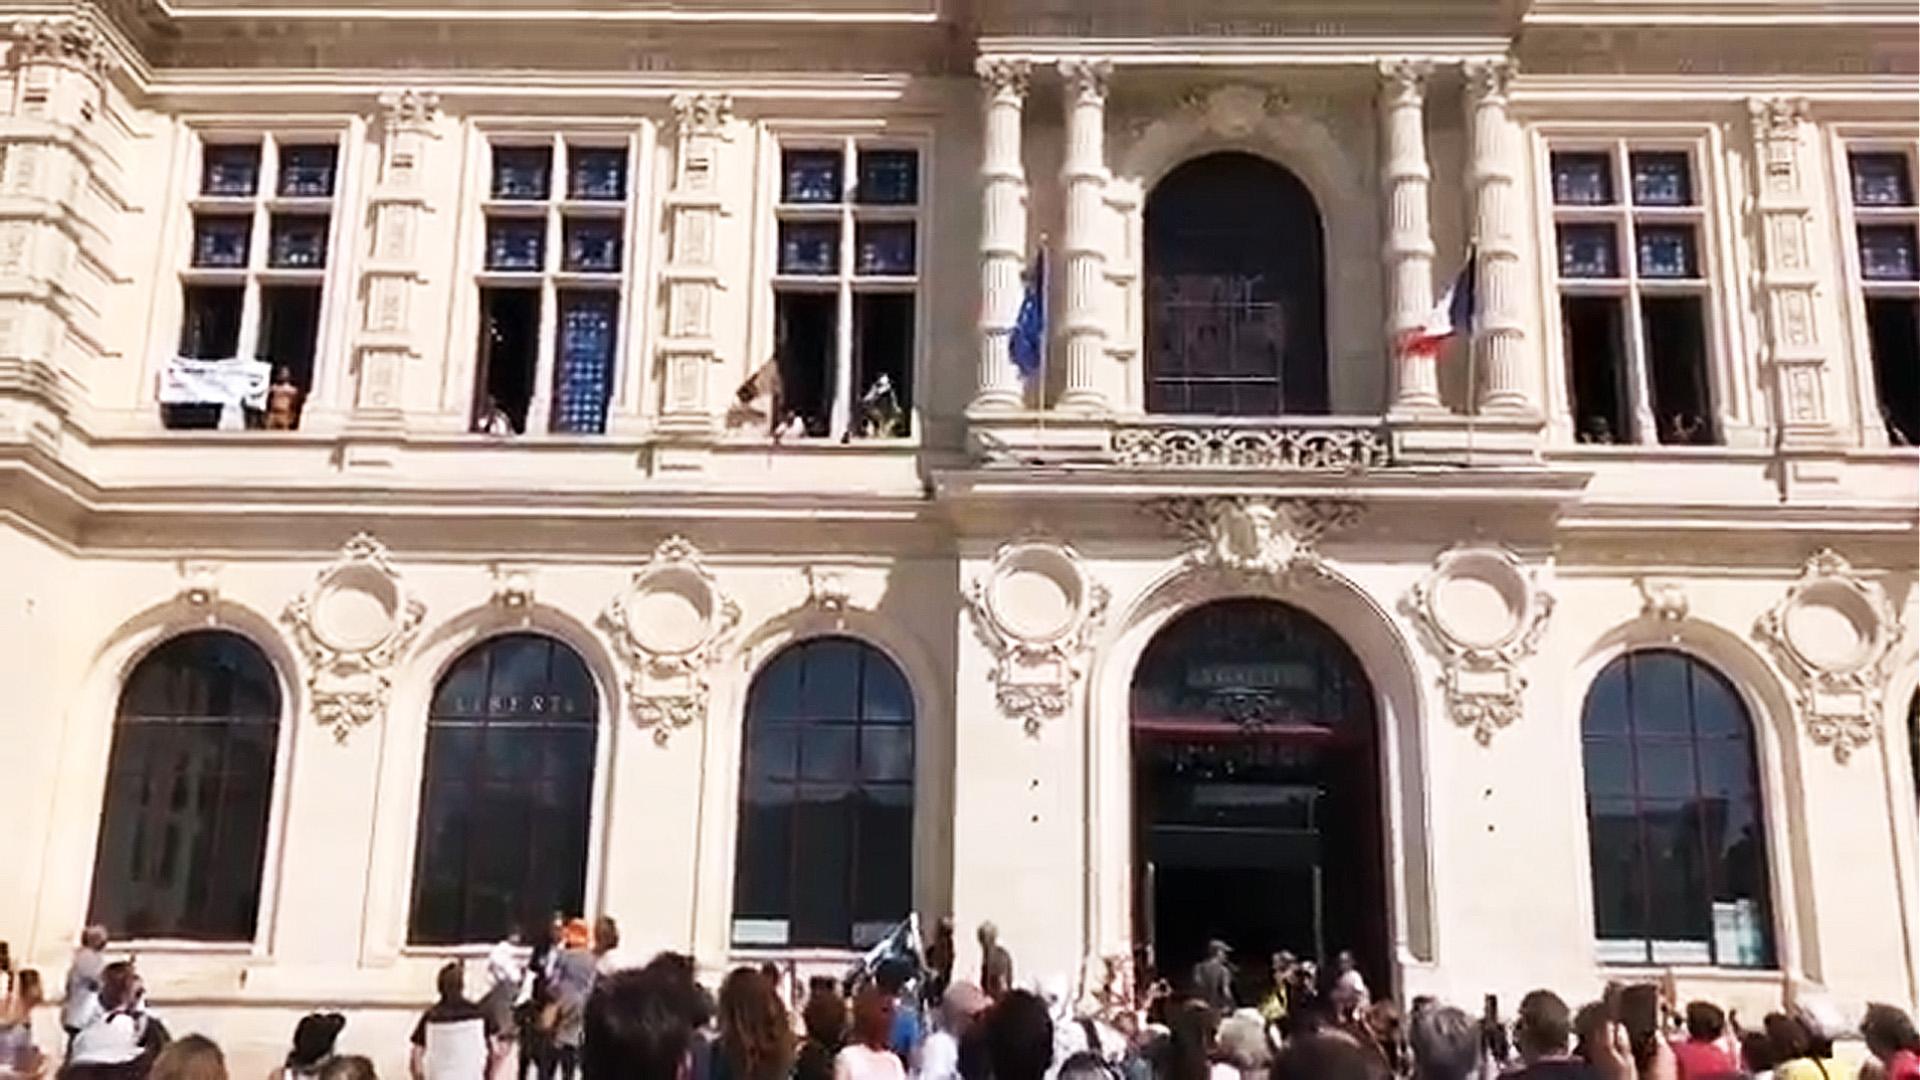 Hôtel de ville de Poitiers : le portrait du président Macron a été décroché, déchiré, puis jeté par la fenêtre